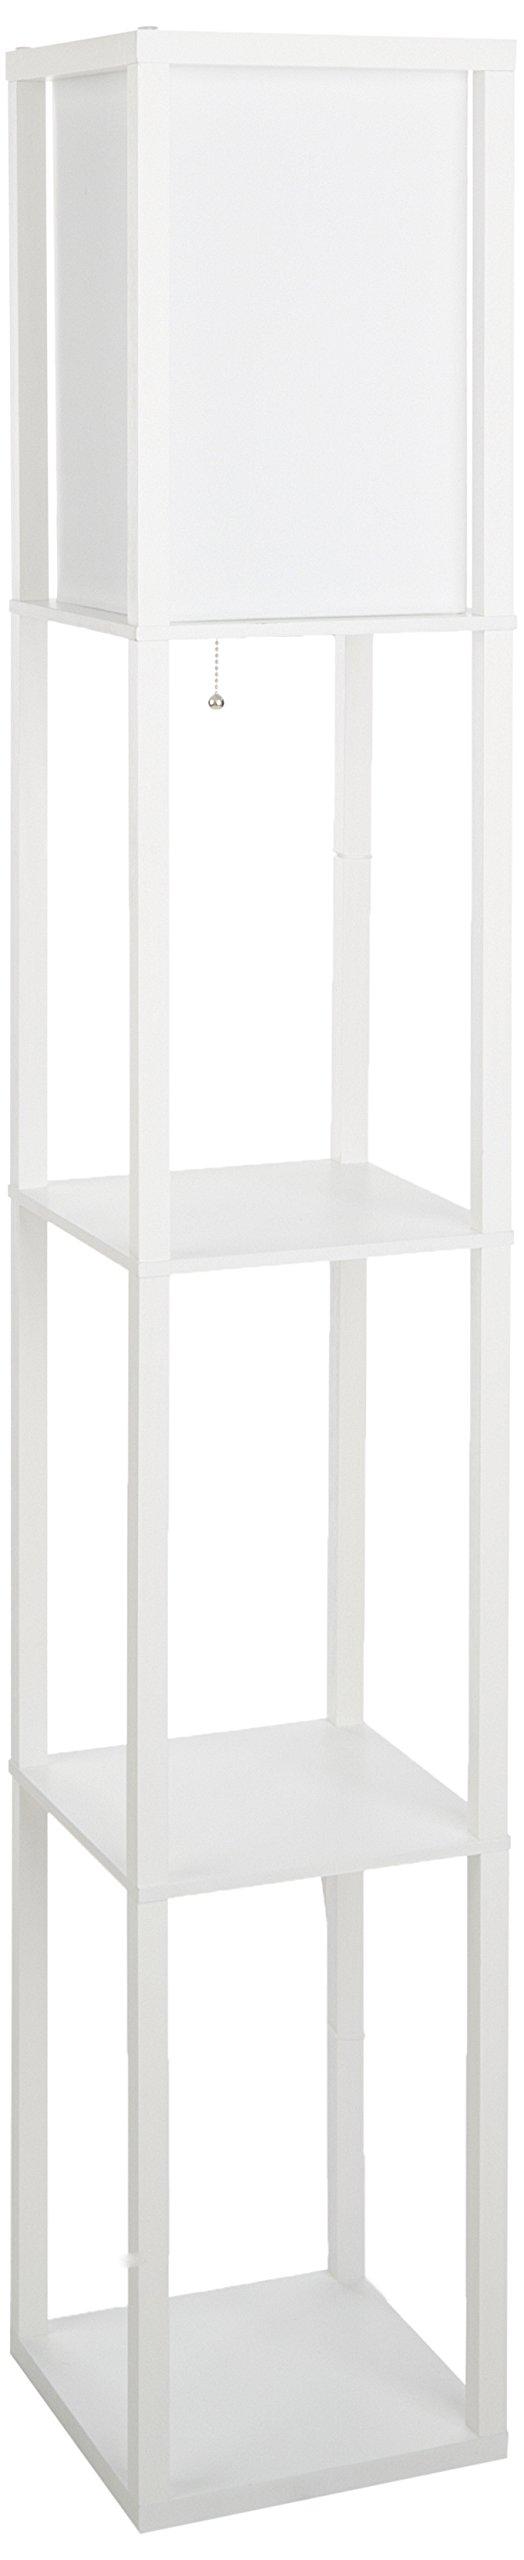 ALTLF1014WHT - Simple Designs White Floor Lamp Etagere Organizer Storage Shelf with Linen Shade